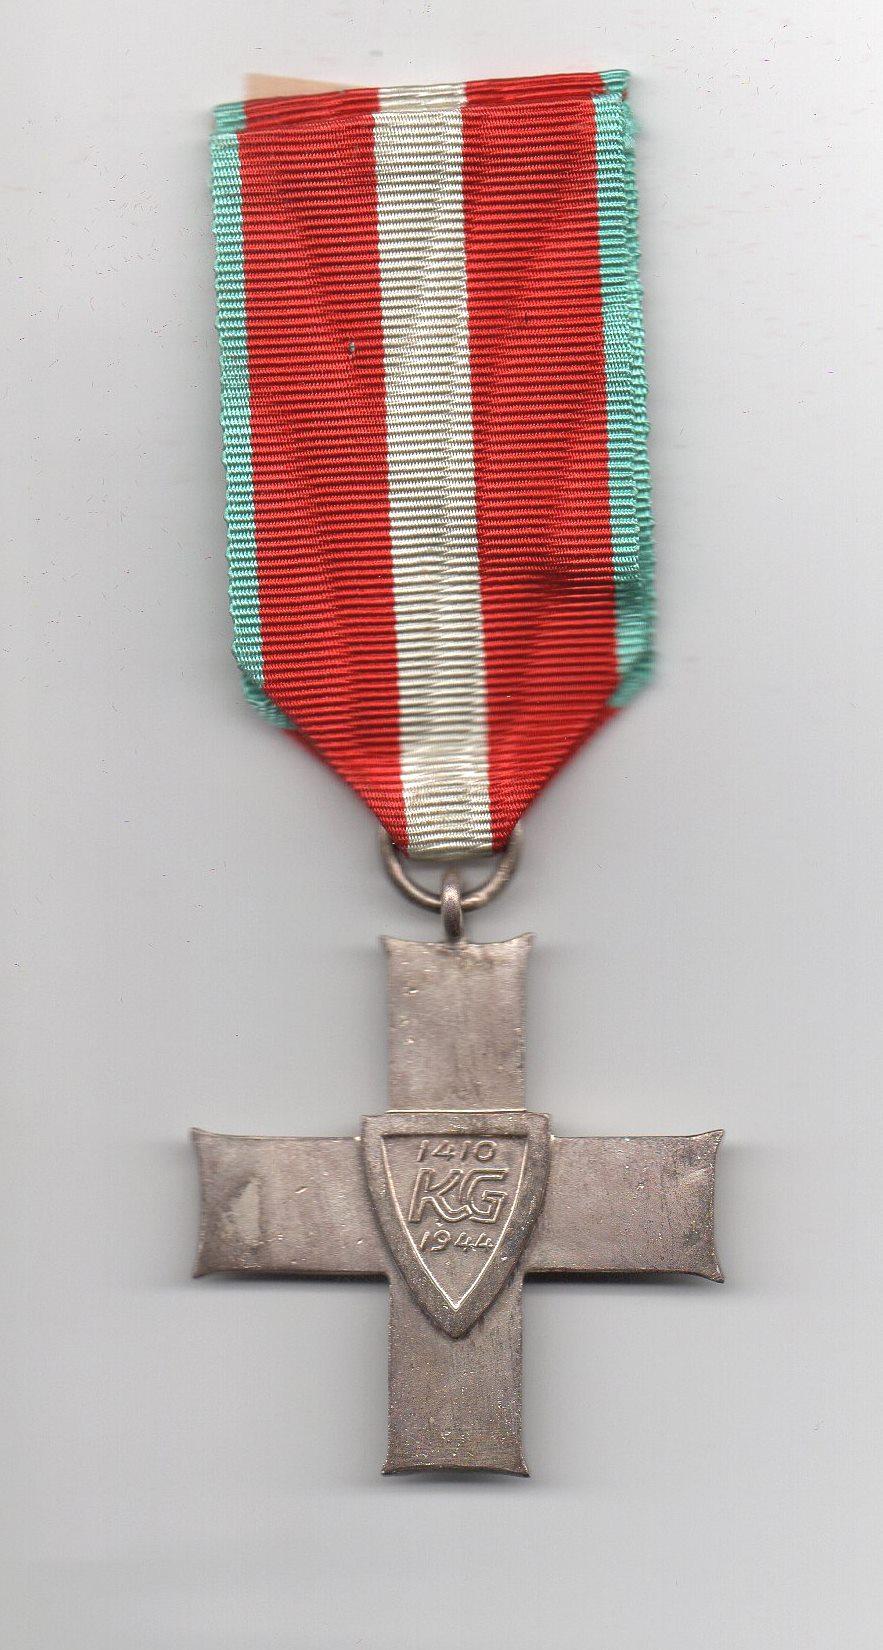 """Орден. """"Хрест Грюнвальда"""". KG. 1410-1944"""""""""""